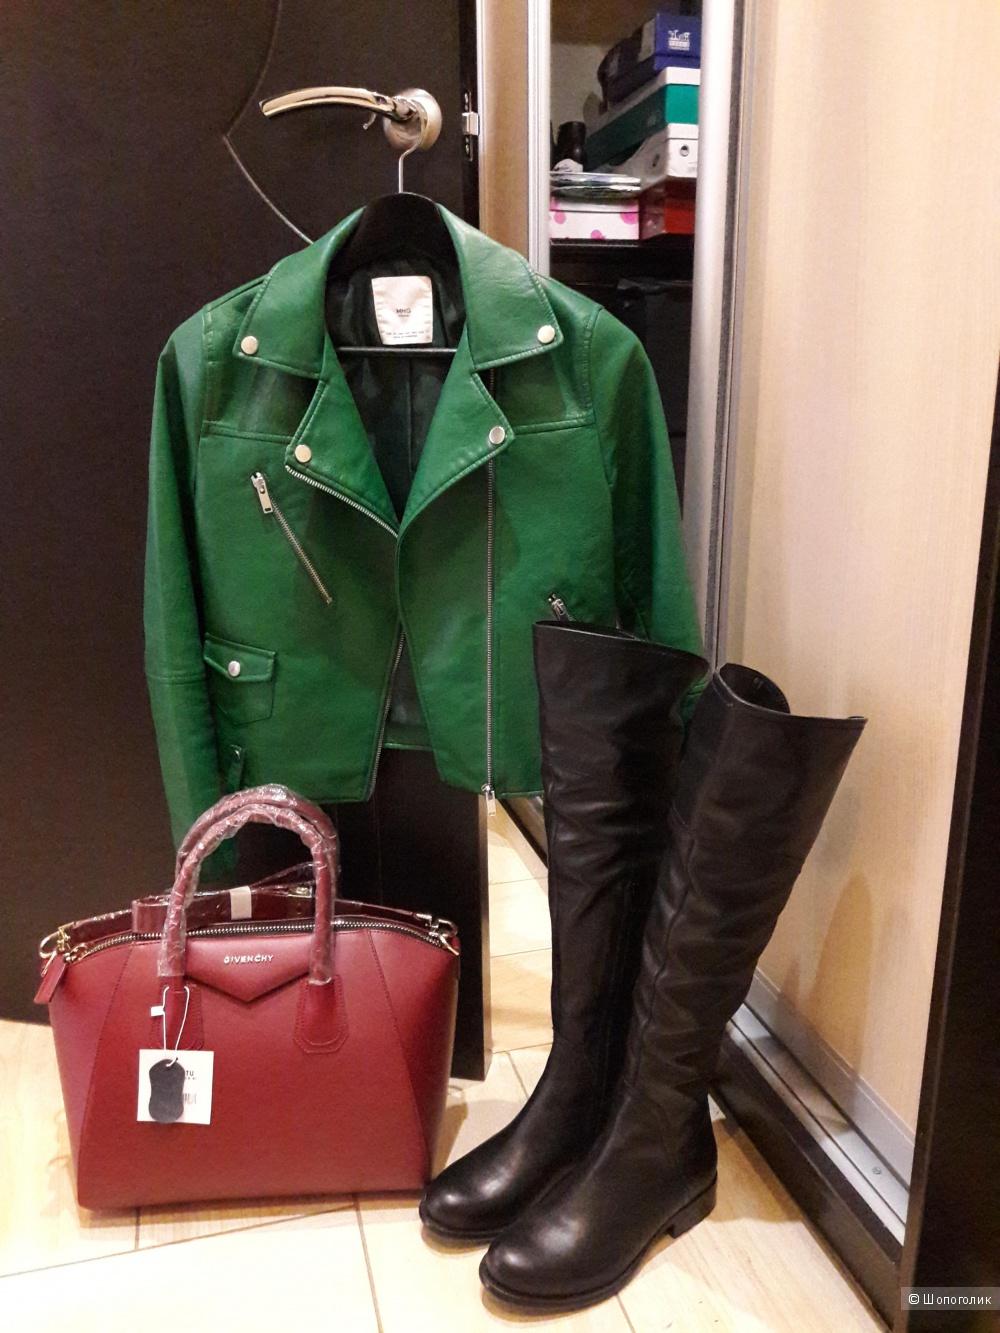 Сумка женская Givenchy Antigona, оттенок Marsala